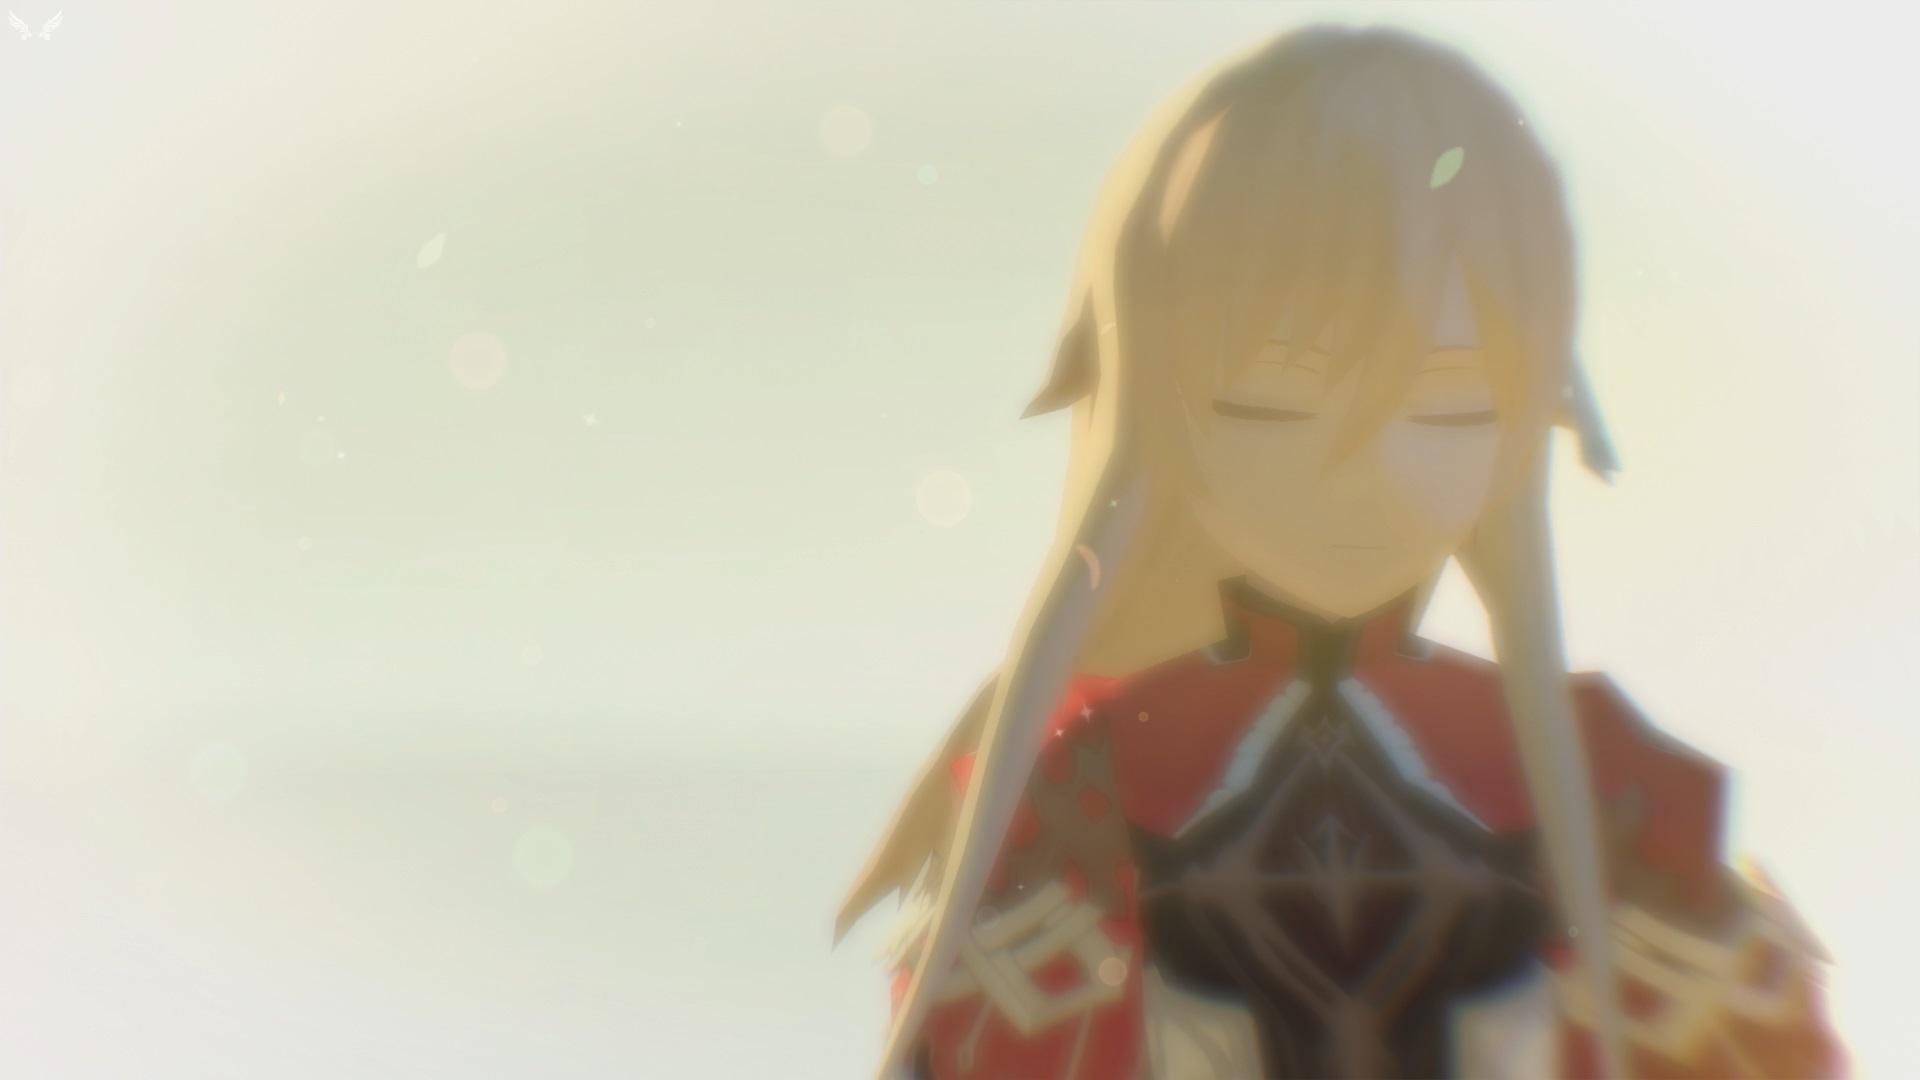 Scaricabile gratuitamente la demo di Oninaki! Trailer, info e bonus preorder